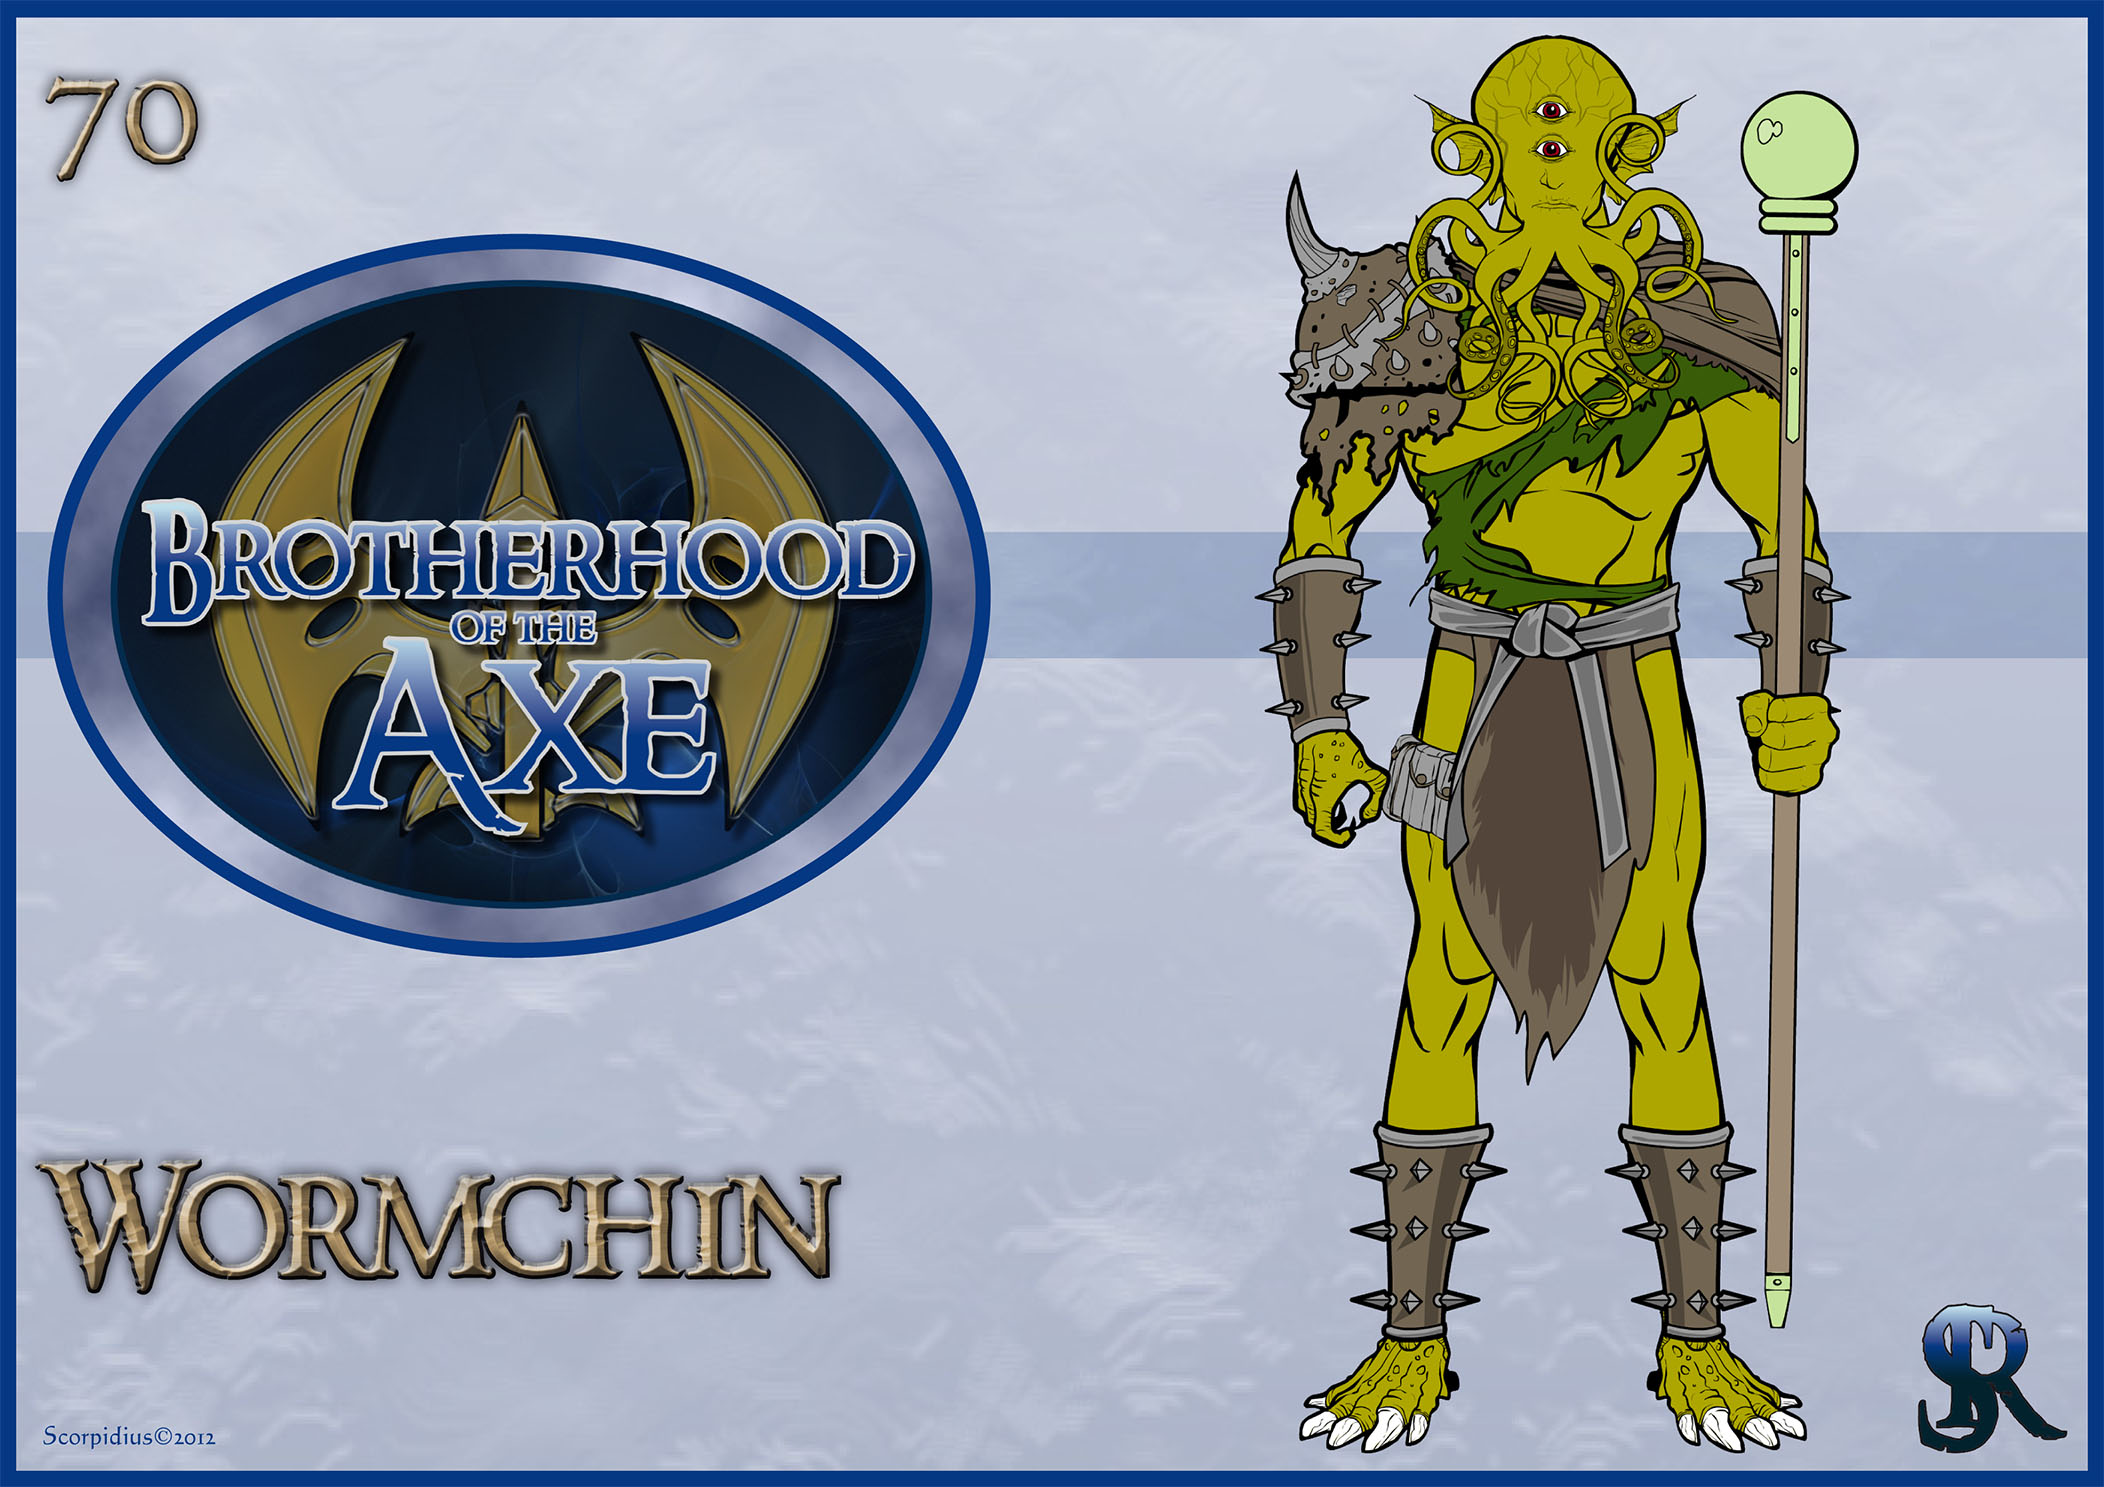 http://www.heromachine.com/wp-content/legacy/forum-image-uploads/scorpidius/2012/03/070-Wormchin.jpg